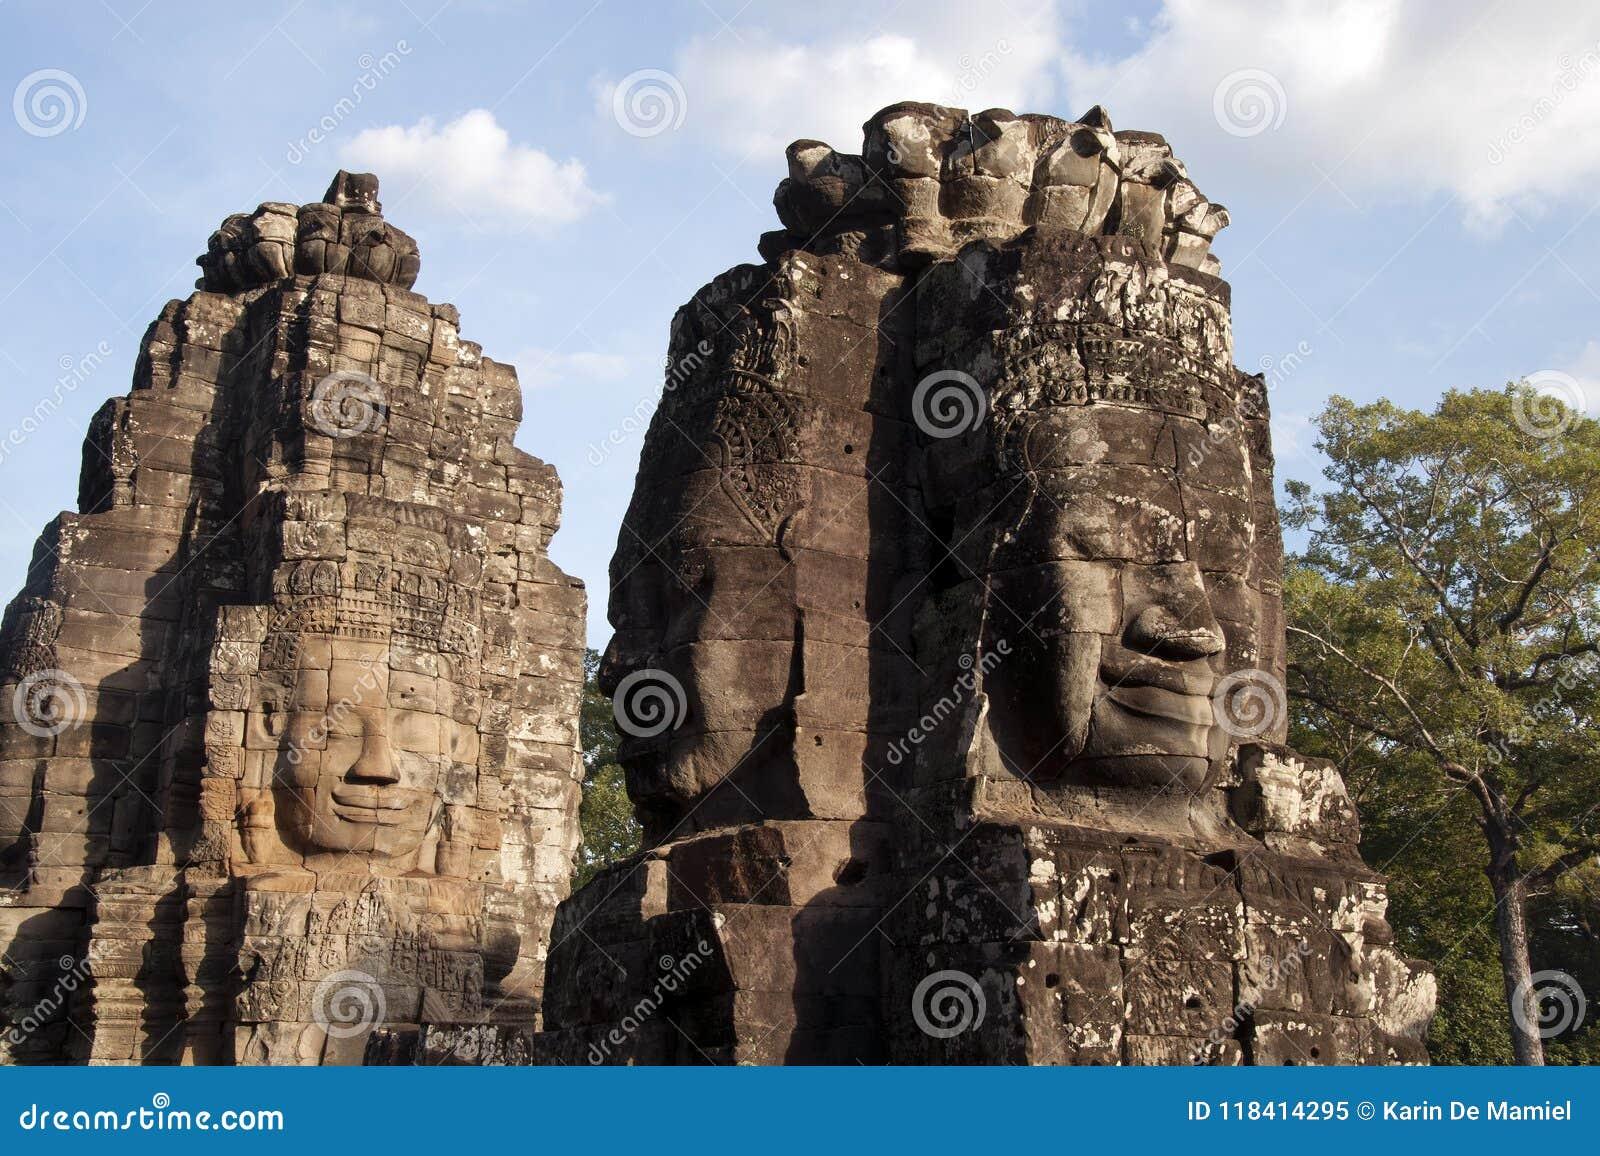 De antropomorfe gezichten sneden in steen in Bayon Wat in recente middaglicht, een de 12de eeuwtempel binnen Com van Angkor Thom